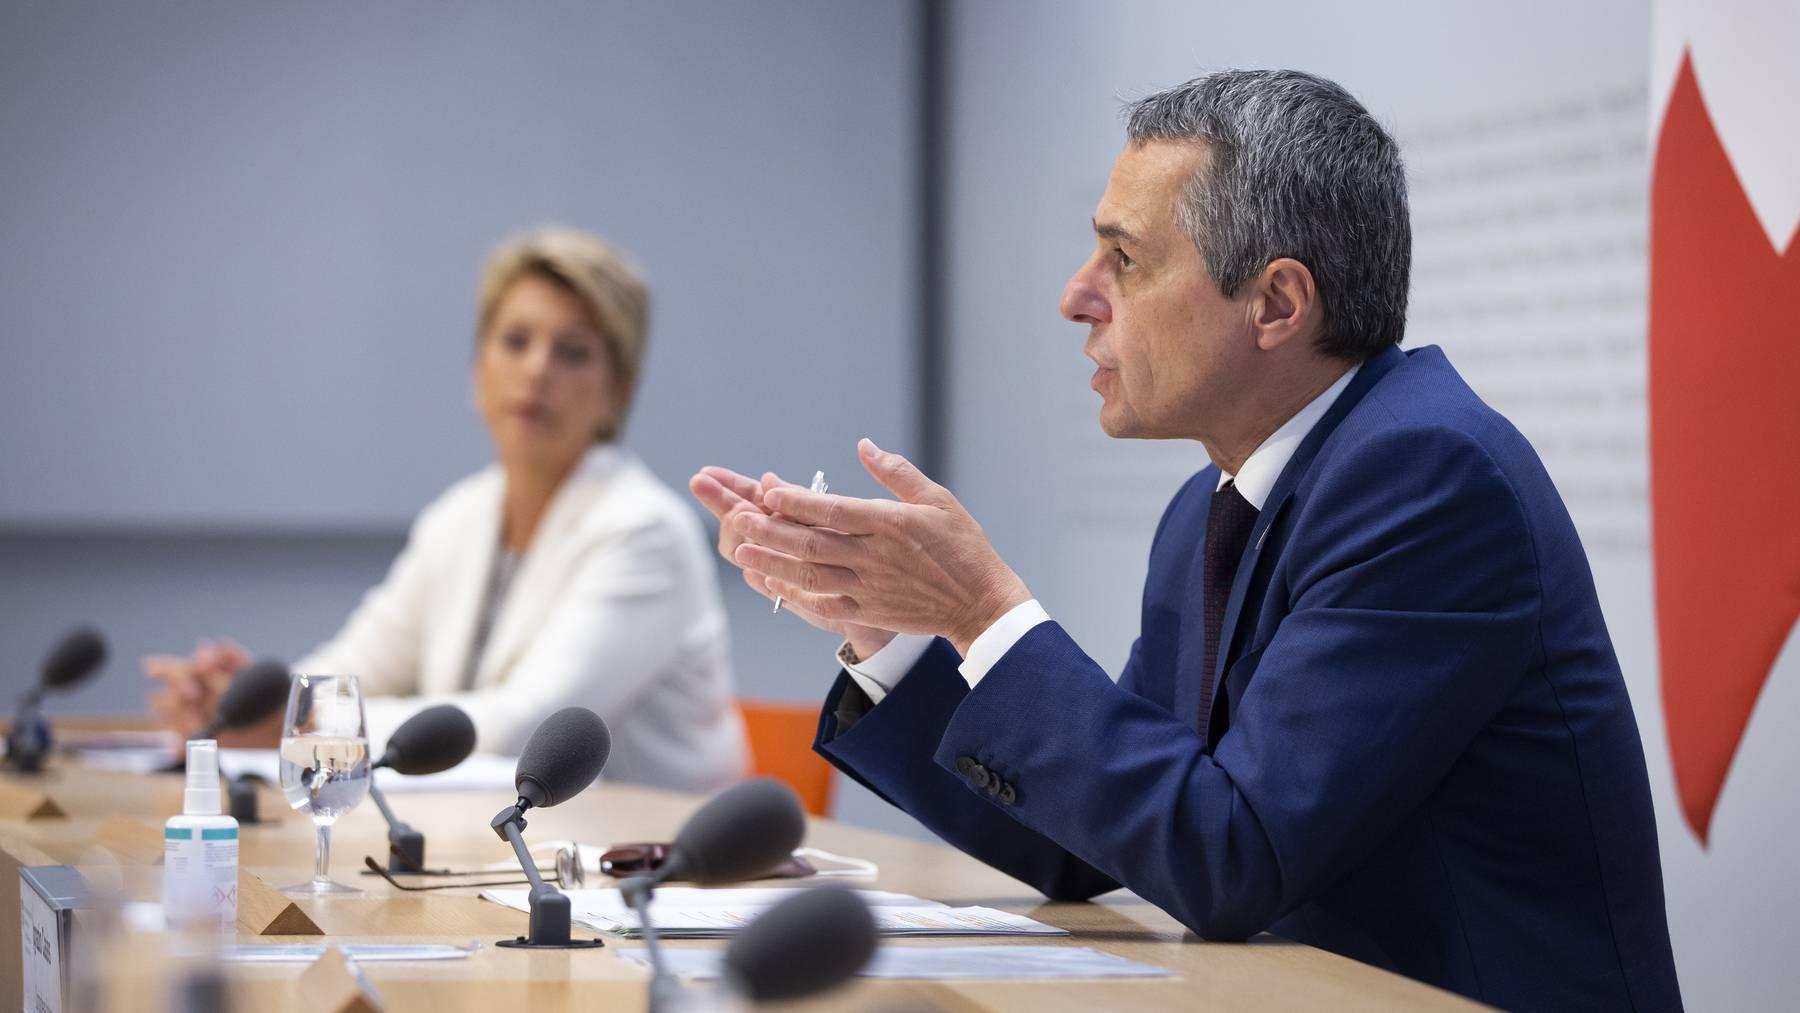 Bundesrat Ignazio Cassis spricht neben Bundesraetin Karin Keller-Sutter waehrend einer Medienkonferenz des Bundesrates zur aktuellen Lage in Afghanistan, am Mittwoch, 18. August 2021, in Bern.